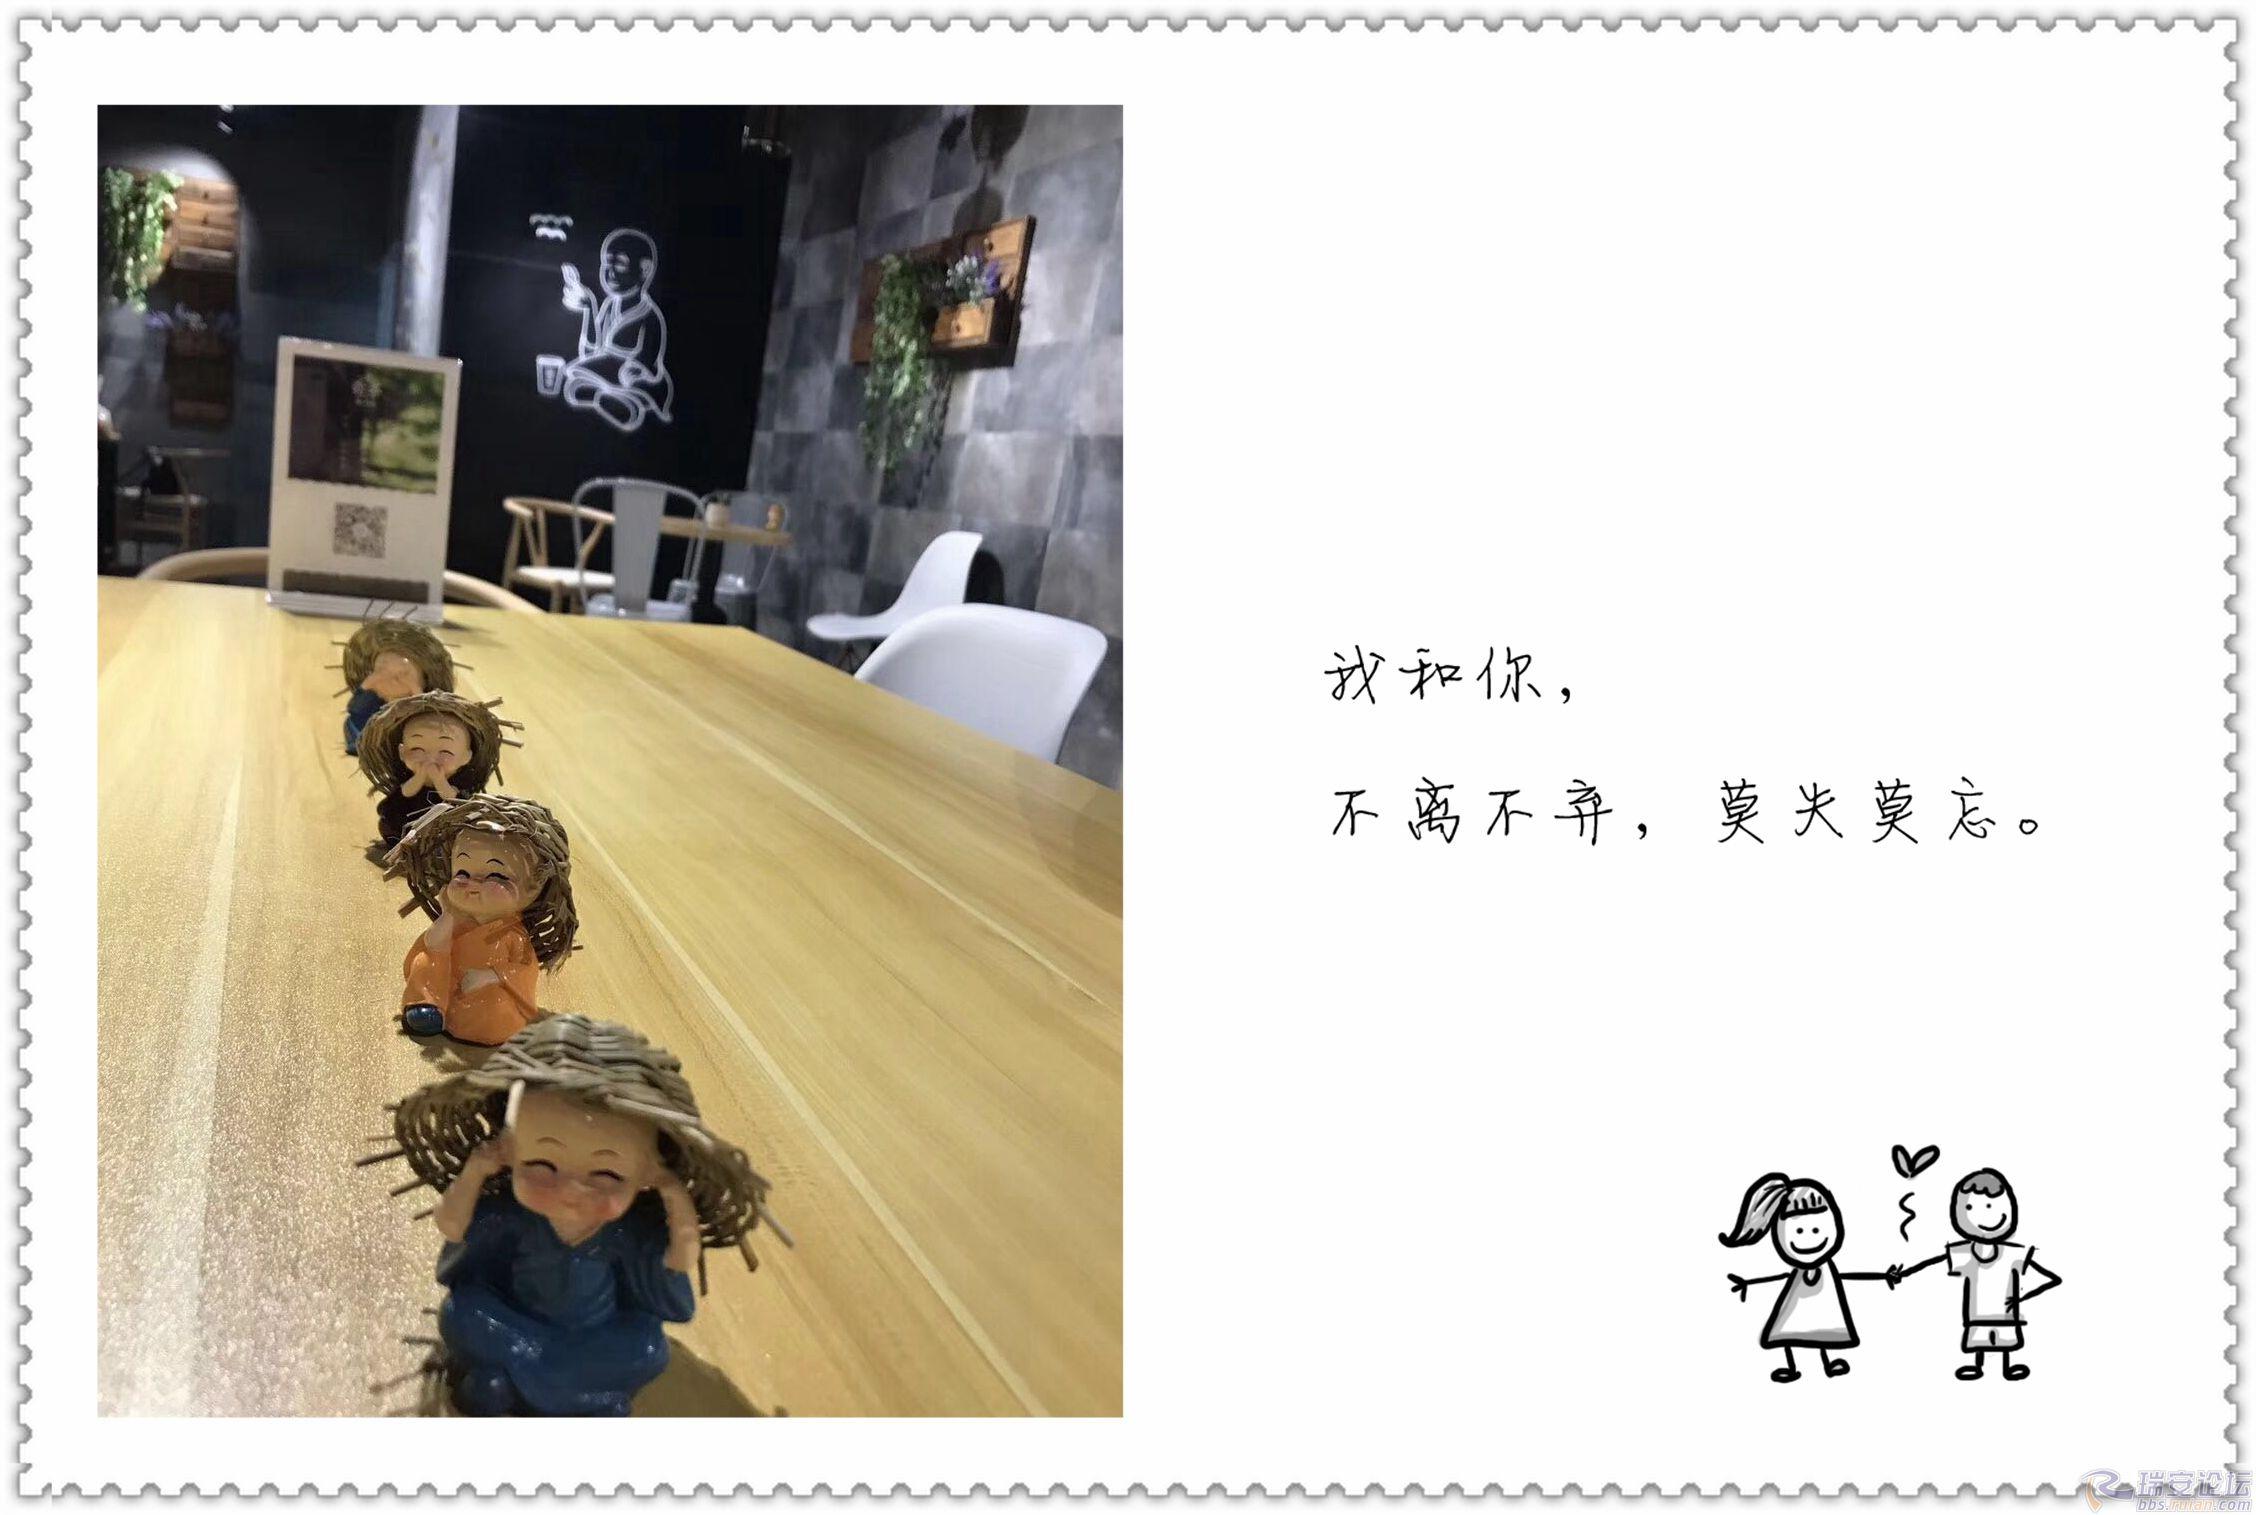 1123_副本.jpg